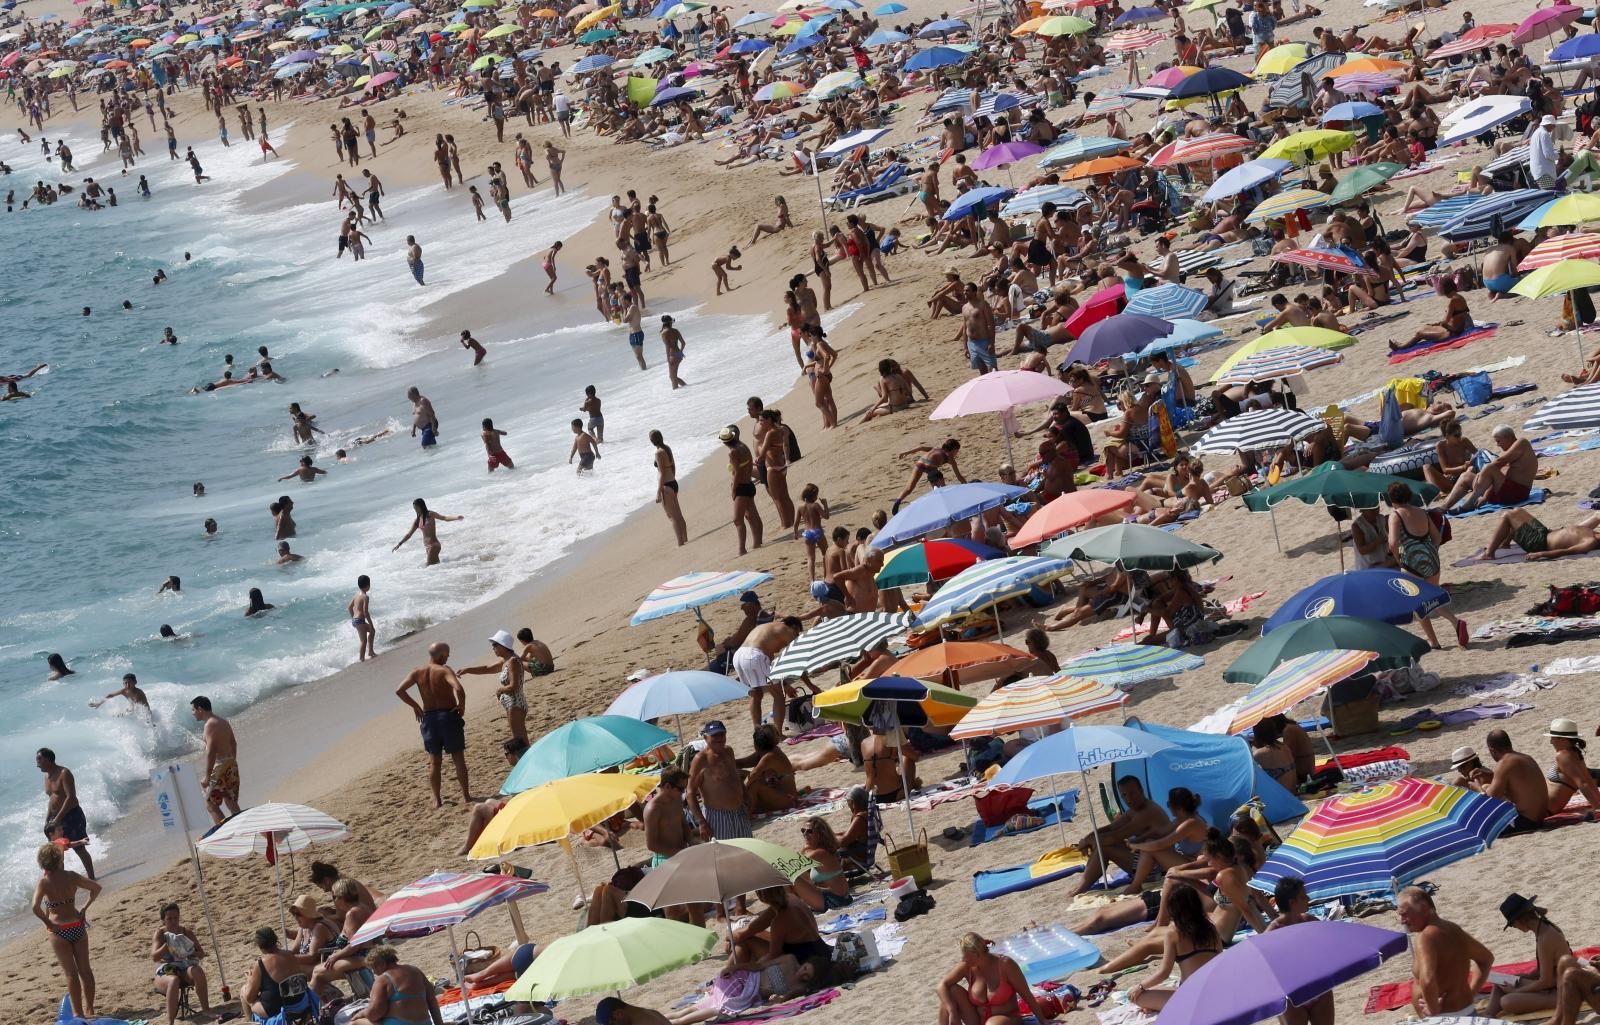 Costa Brava, north of Barcelona